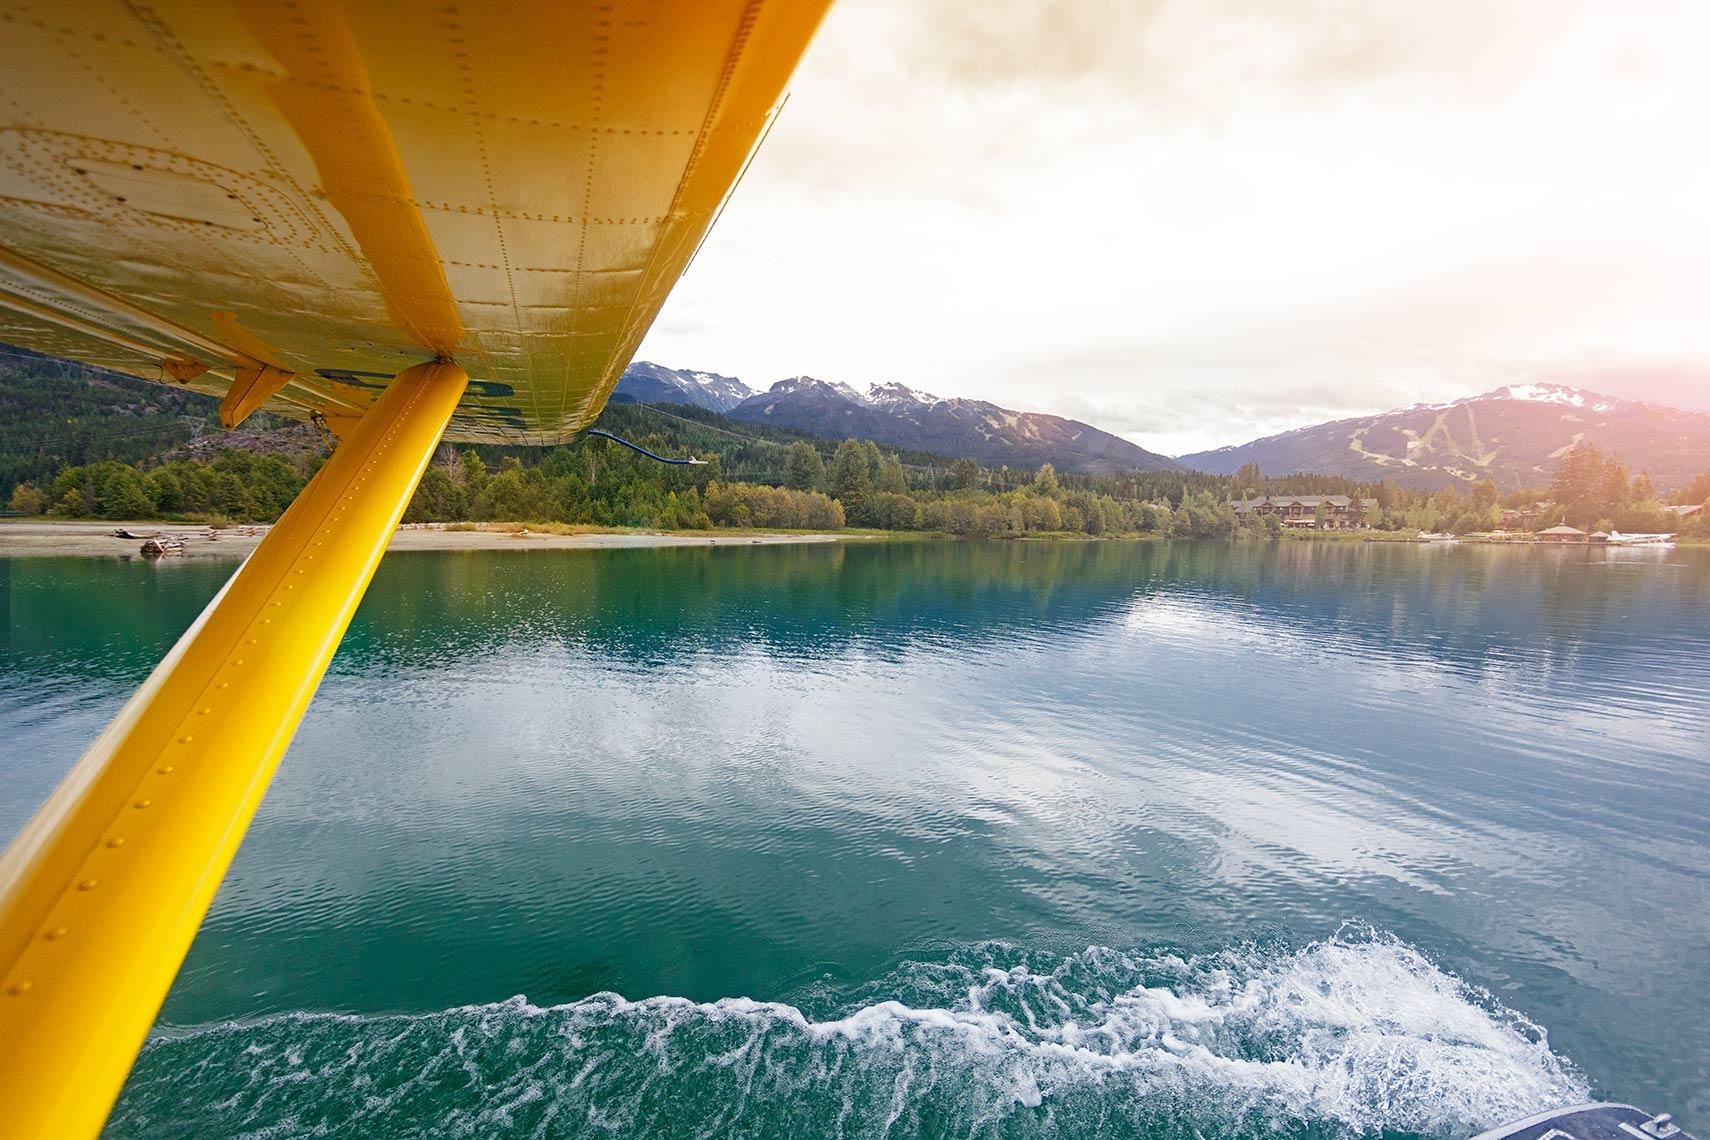 revo_plane_rides-086_r1flatweb.jpg